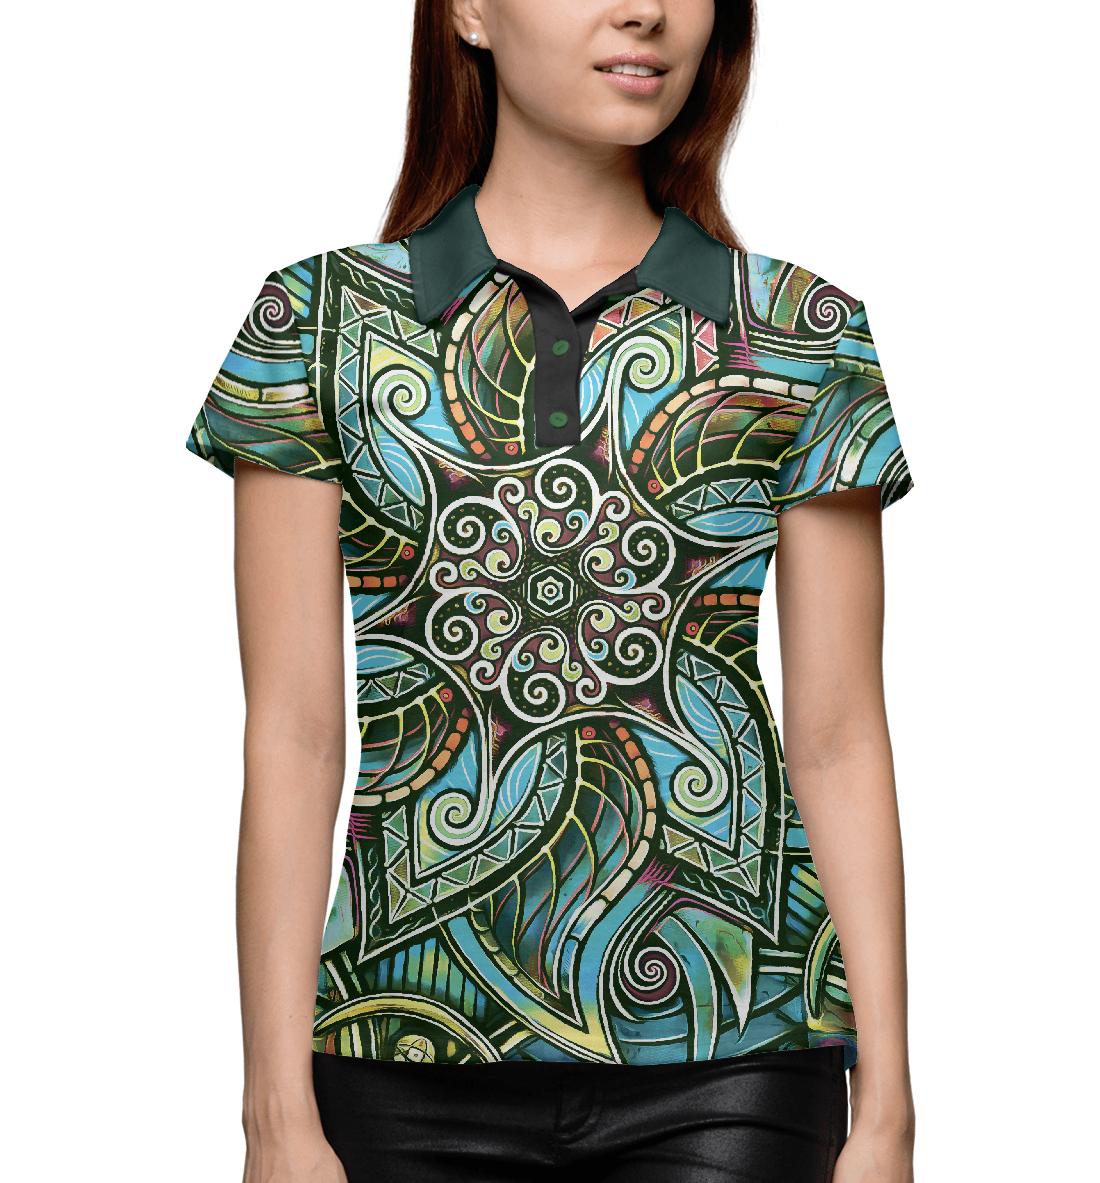 Купить Мандала Защитный Спиральный Цветок, Printbar, Поло, PSY-372574-pol-1